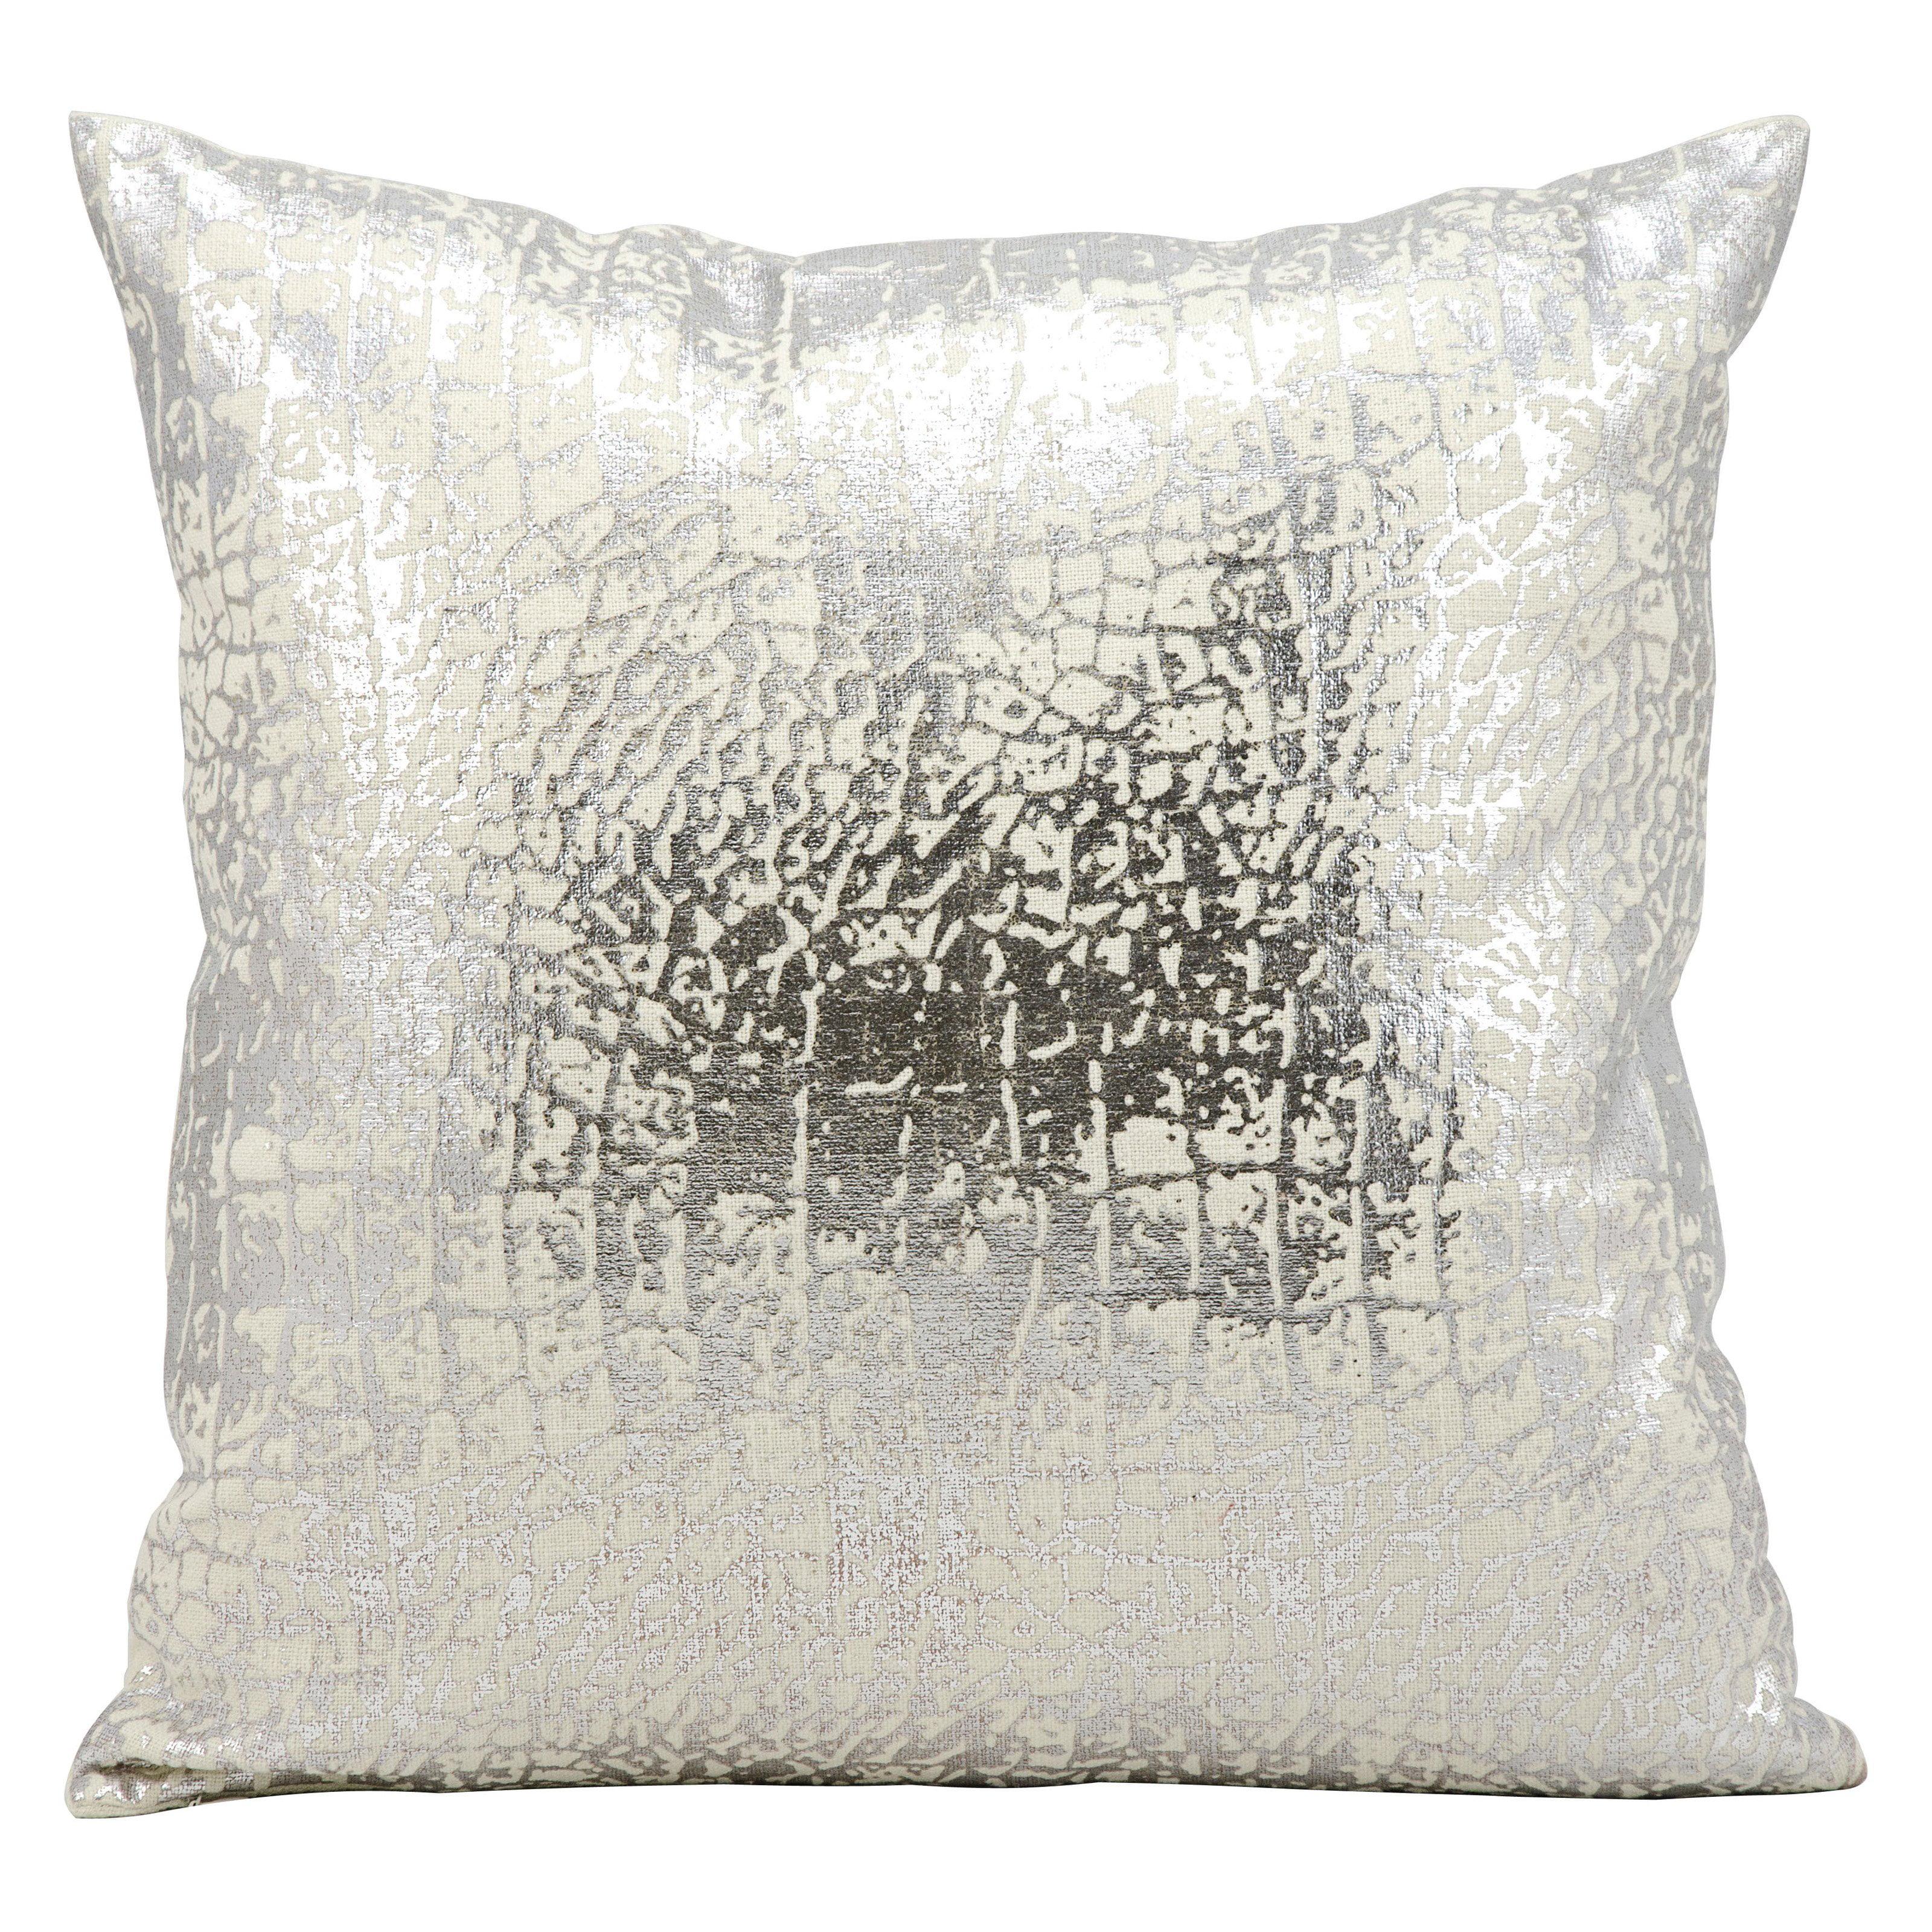 Kathy Ireland Metallic Snake Skin Silver Throw Pillow